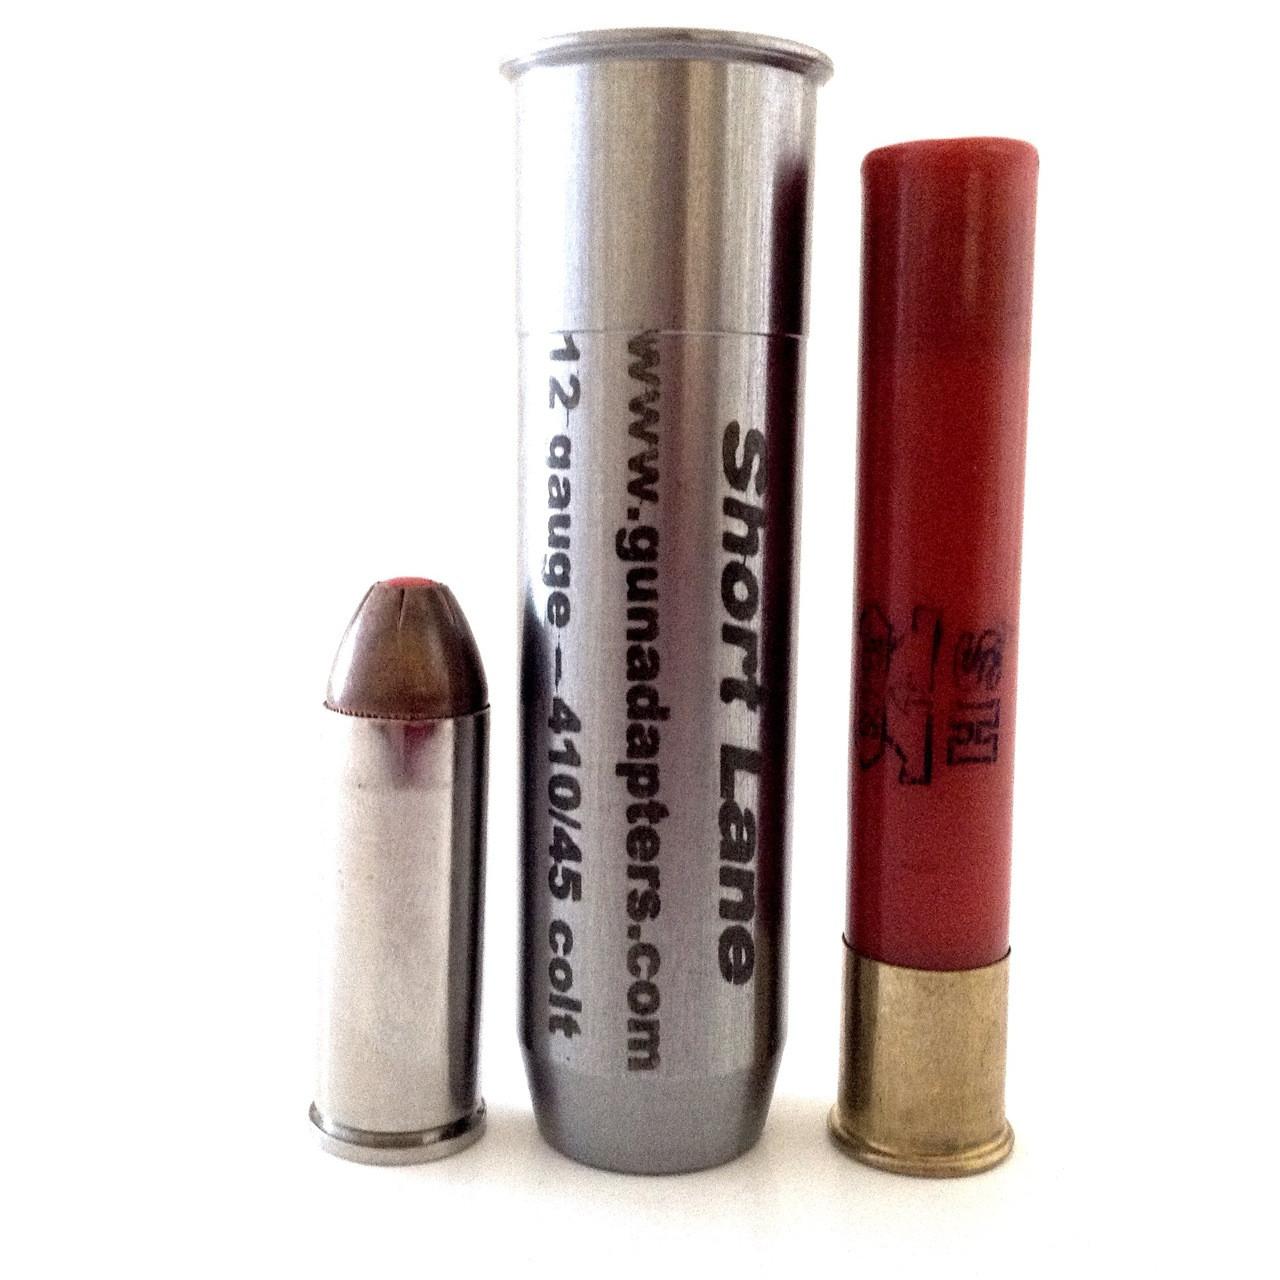 12 gauge to 410 / 45 Colt Scavenger Series